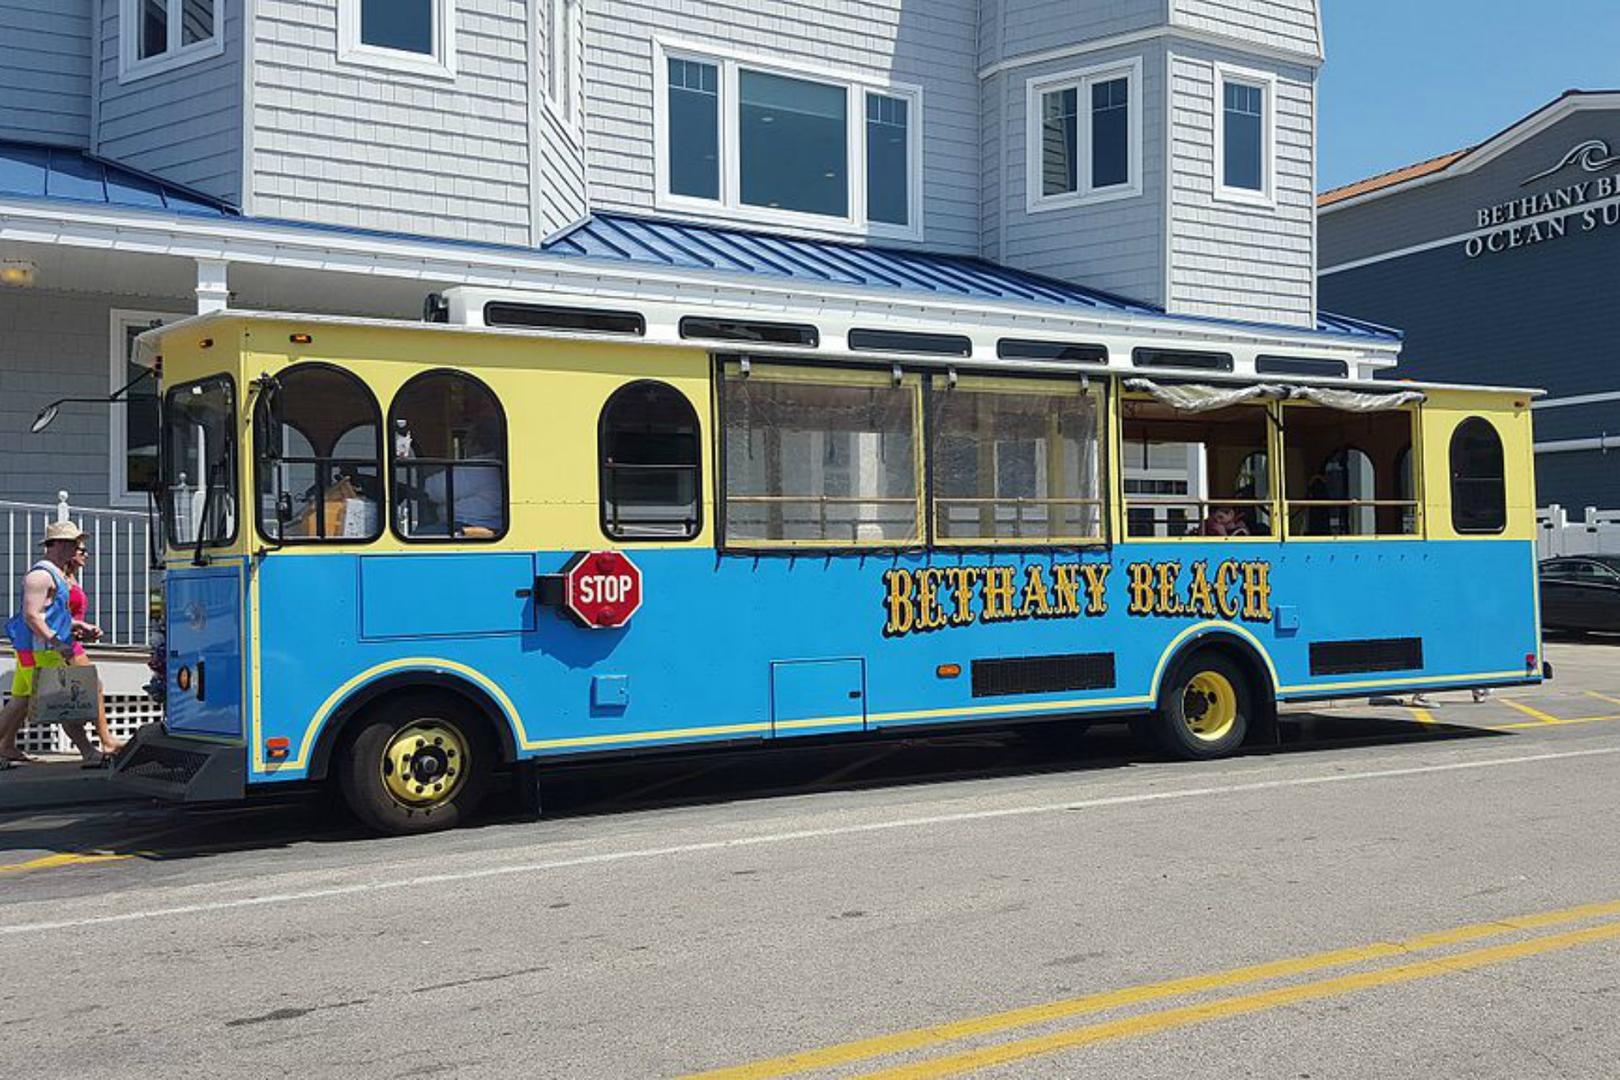 Bethany Beach Trolley